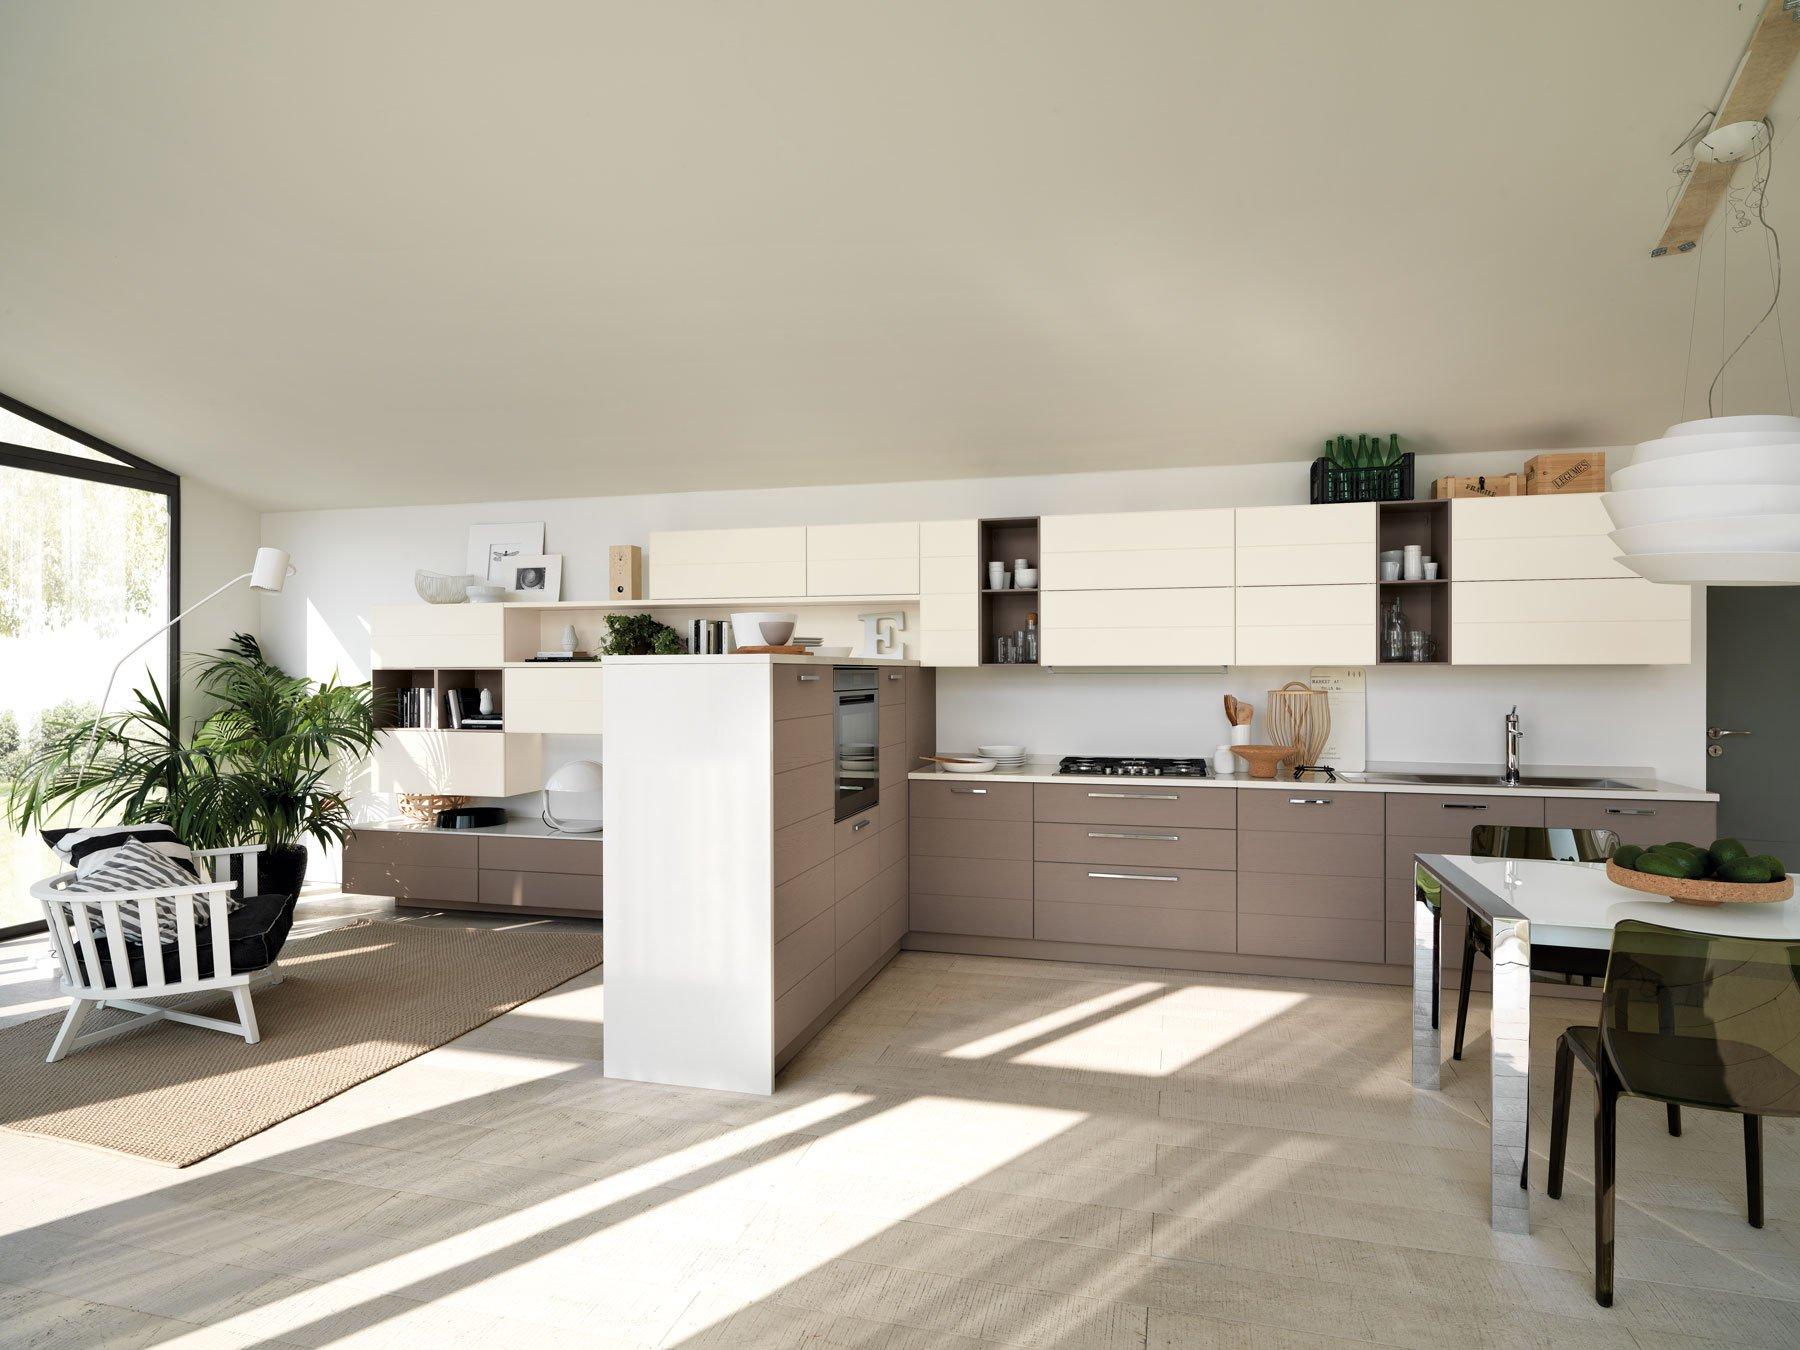 Clicca Sulle Immagini Per Vedere Fullscreen Le Cucine Scavolini (www  #4D5B36 1800 1350 Come Arredare Un Ambiente Unico Cucina Soggiorno